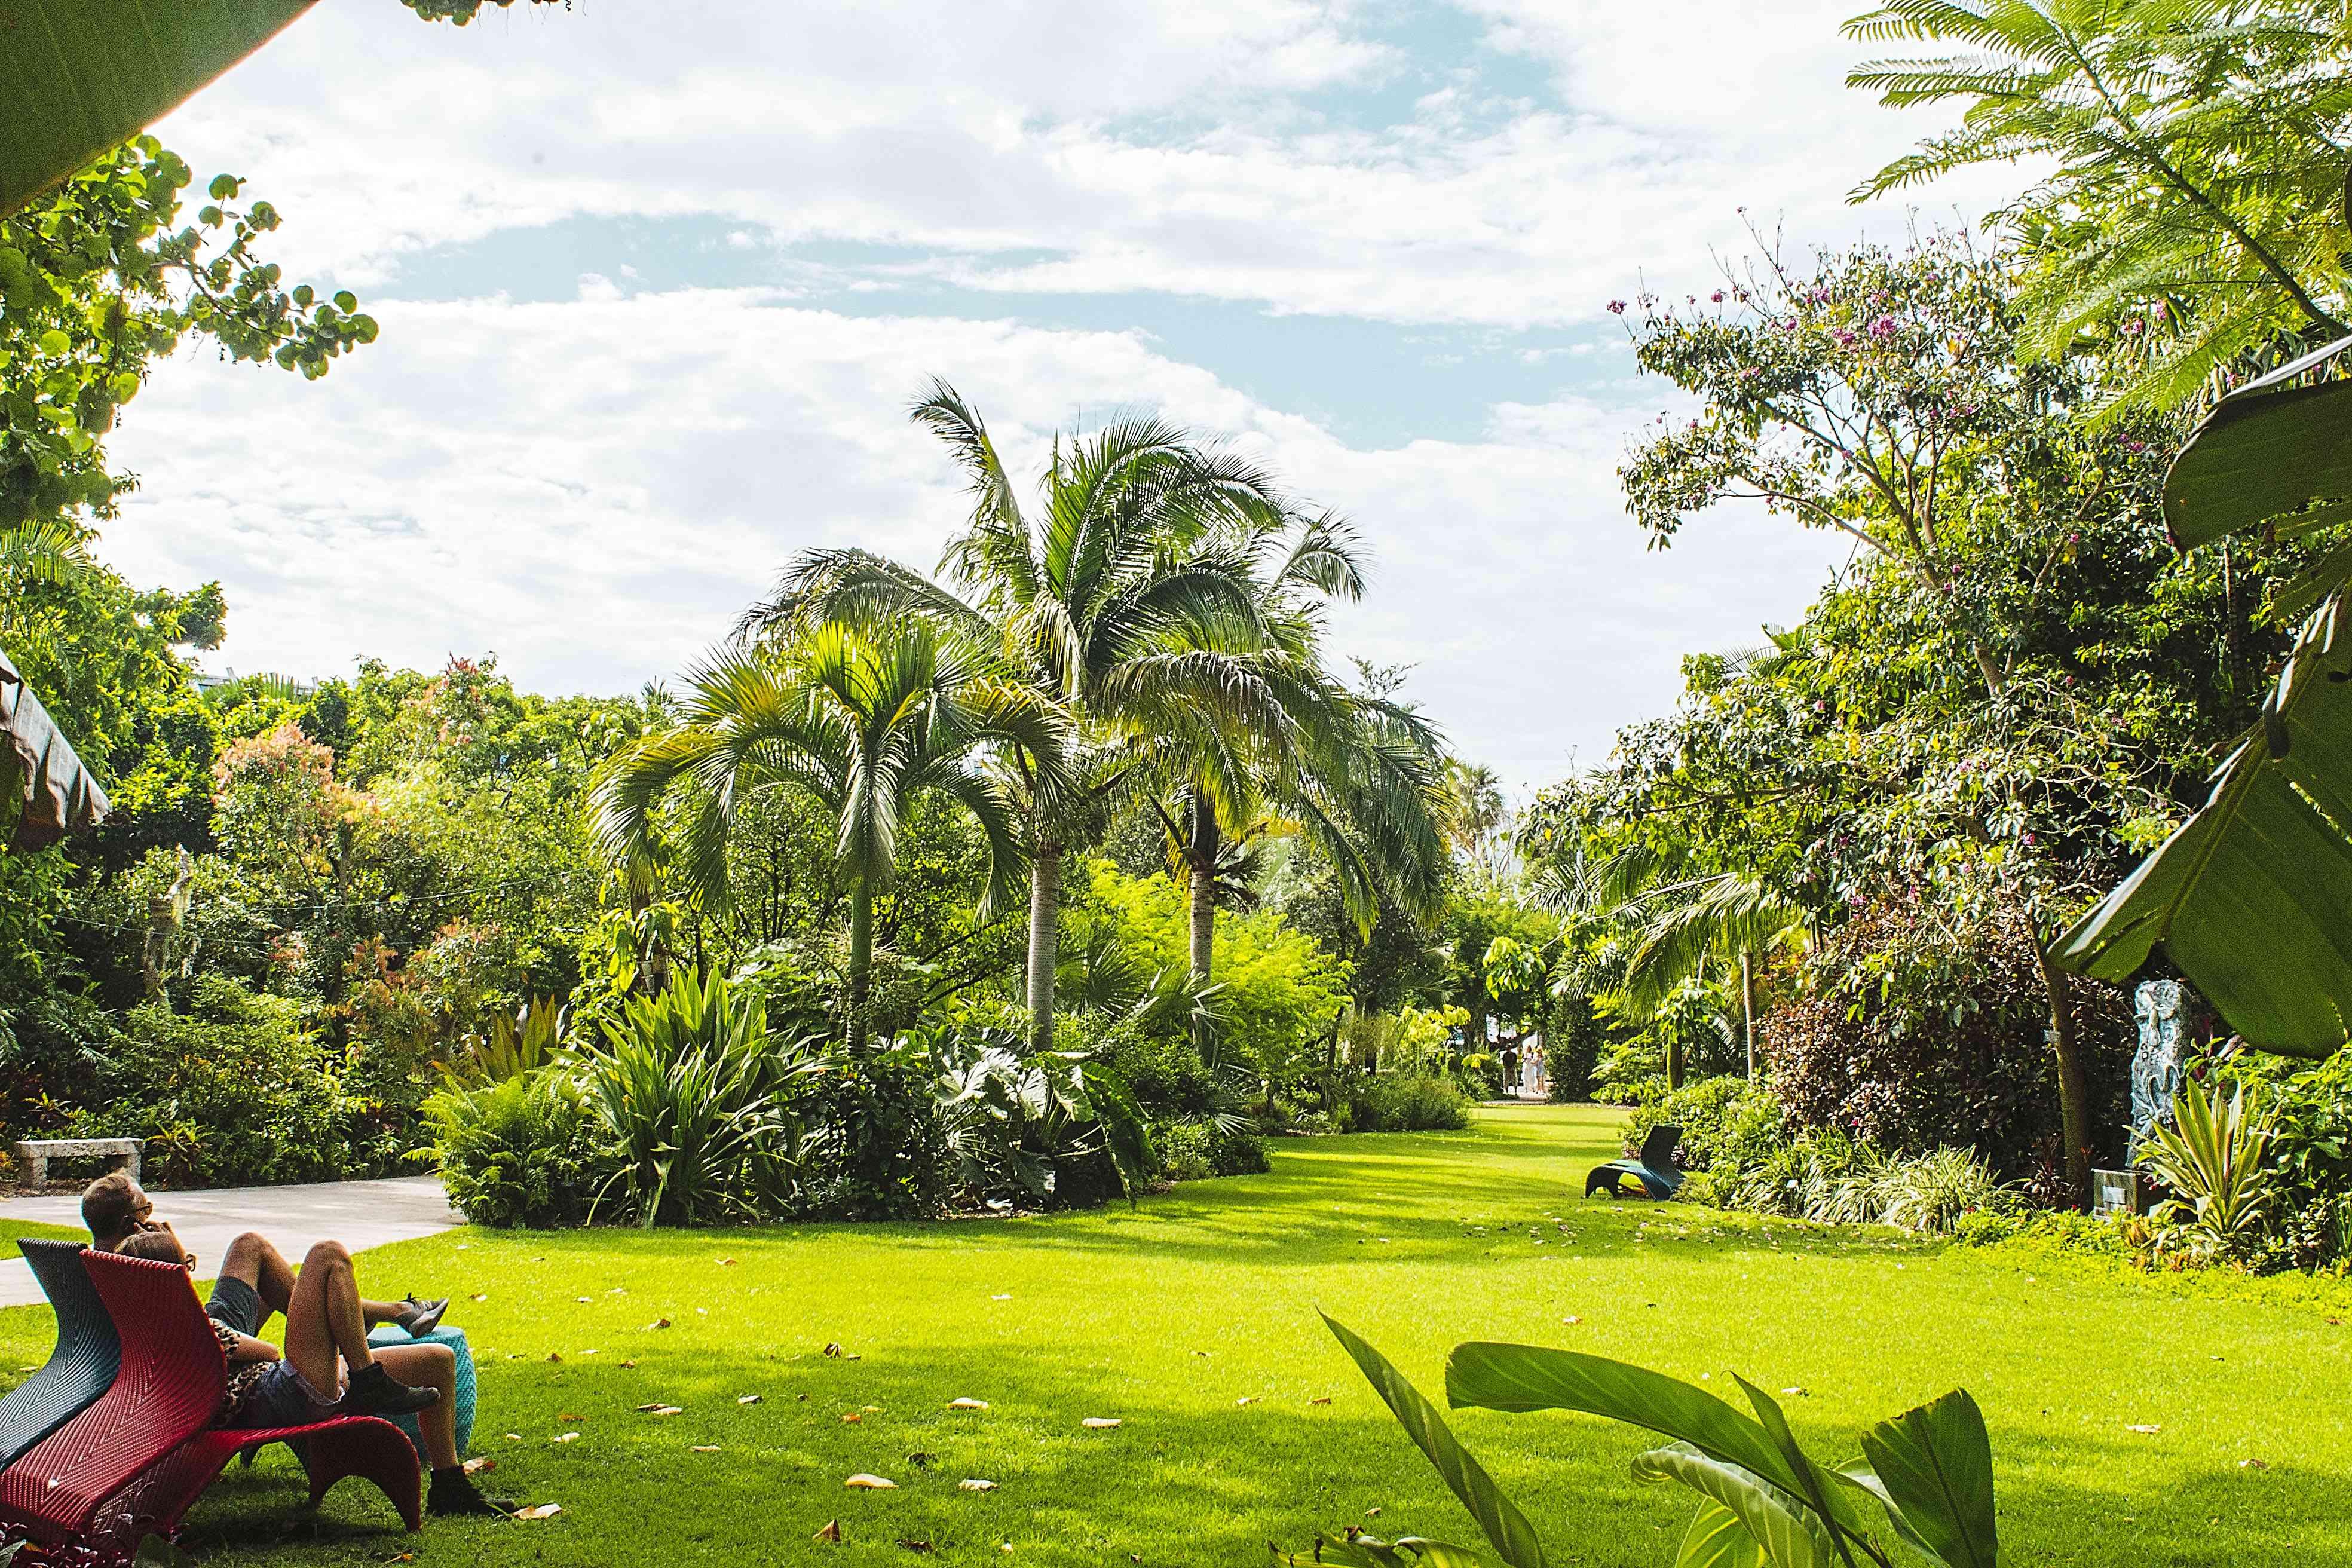 Miami Botanical Gardens